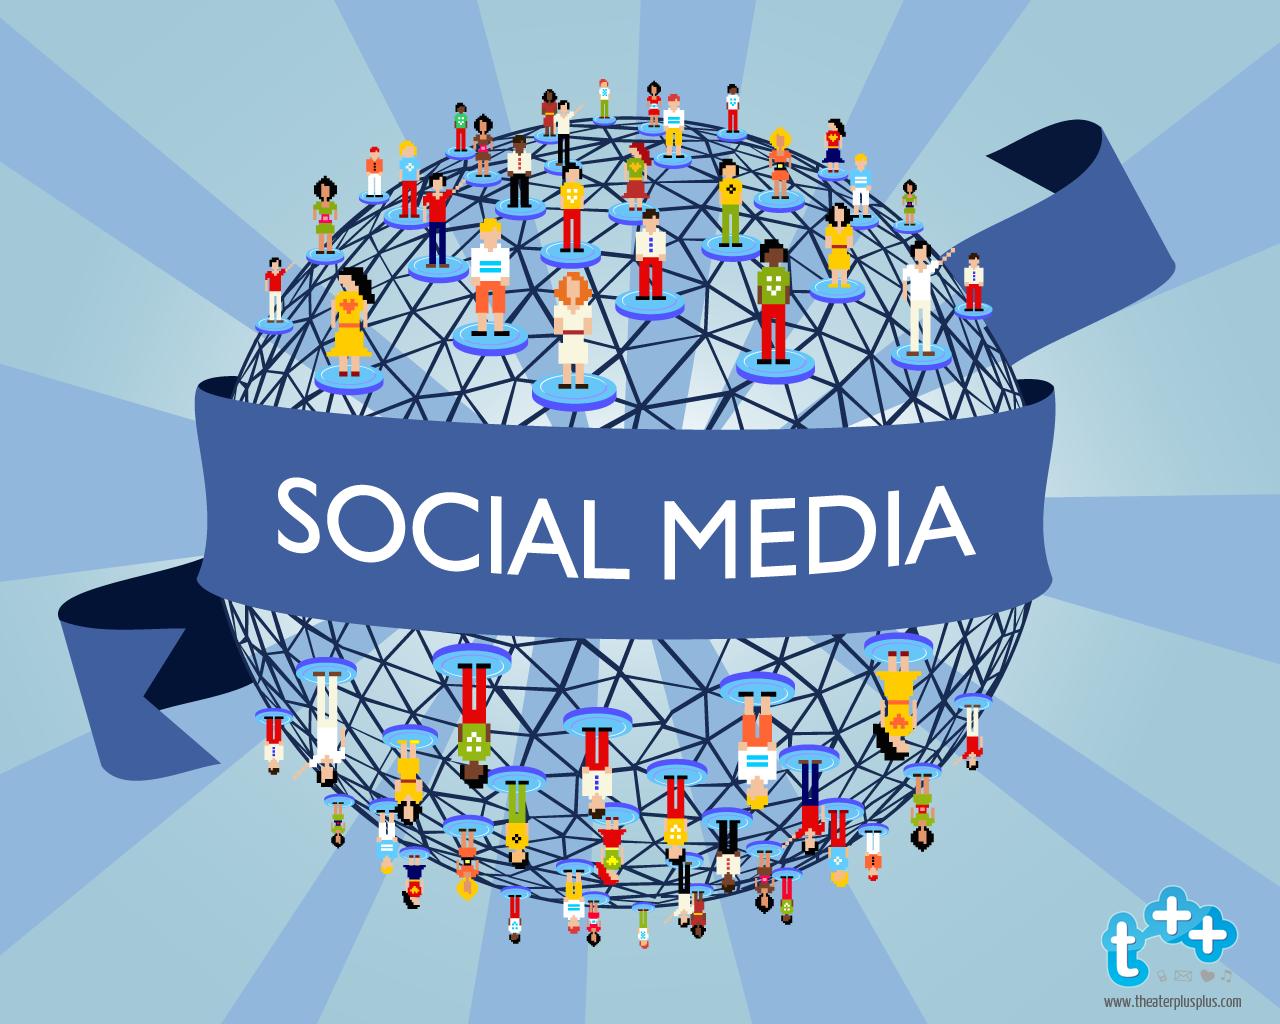 World Of Social Media Wallpaper Desktop 20441 Wallpaper 1280x1024